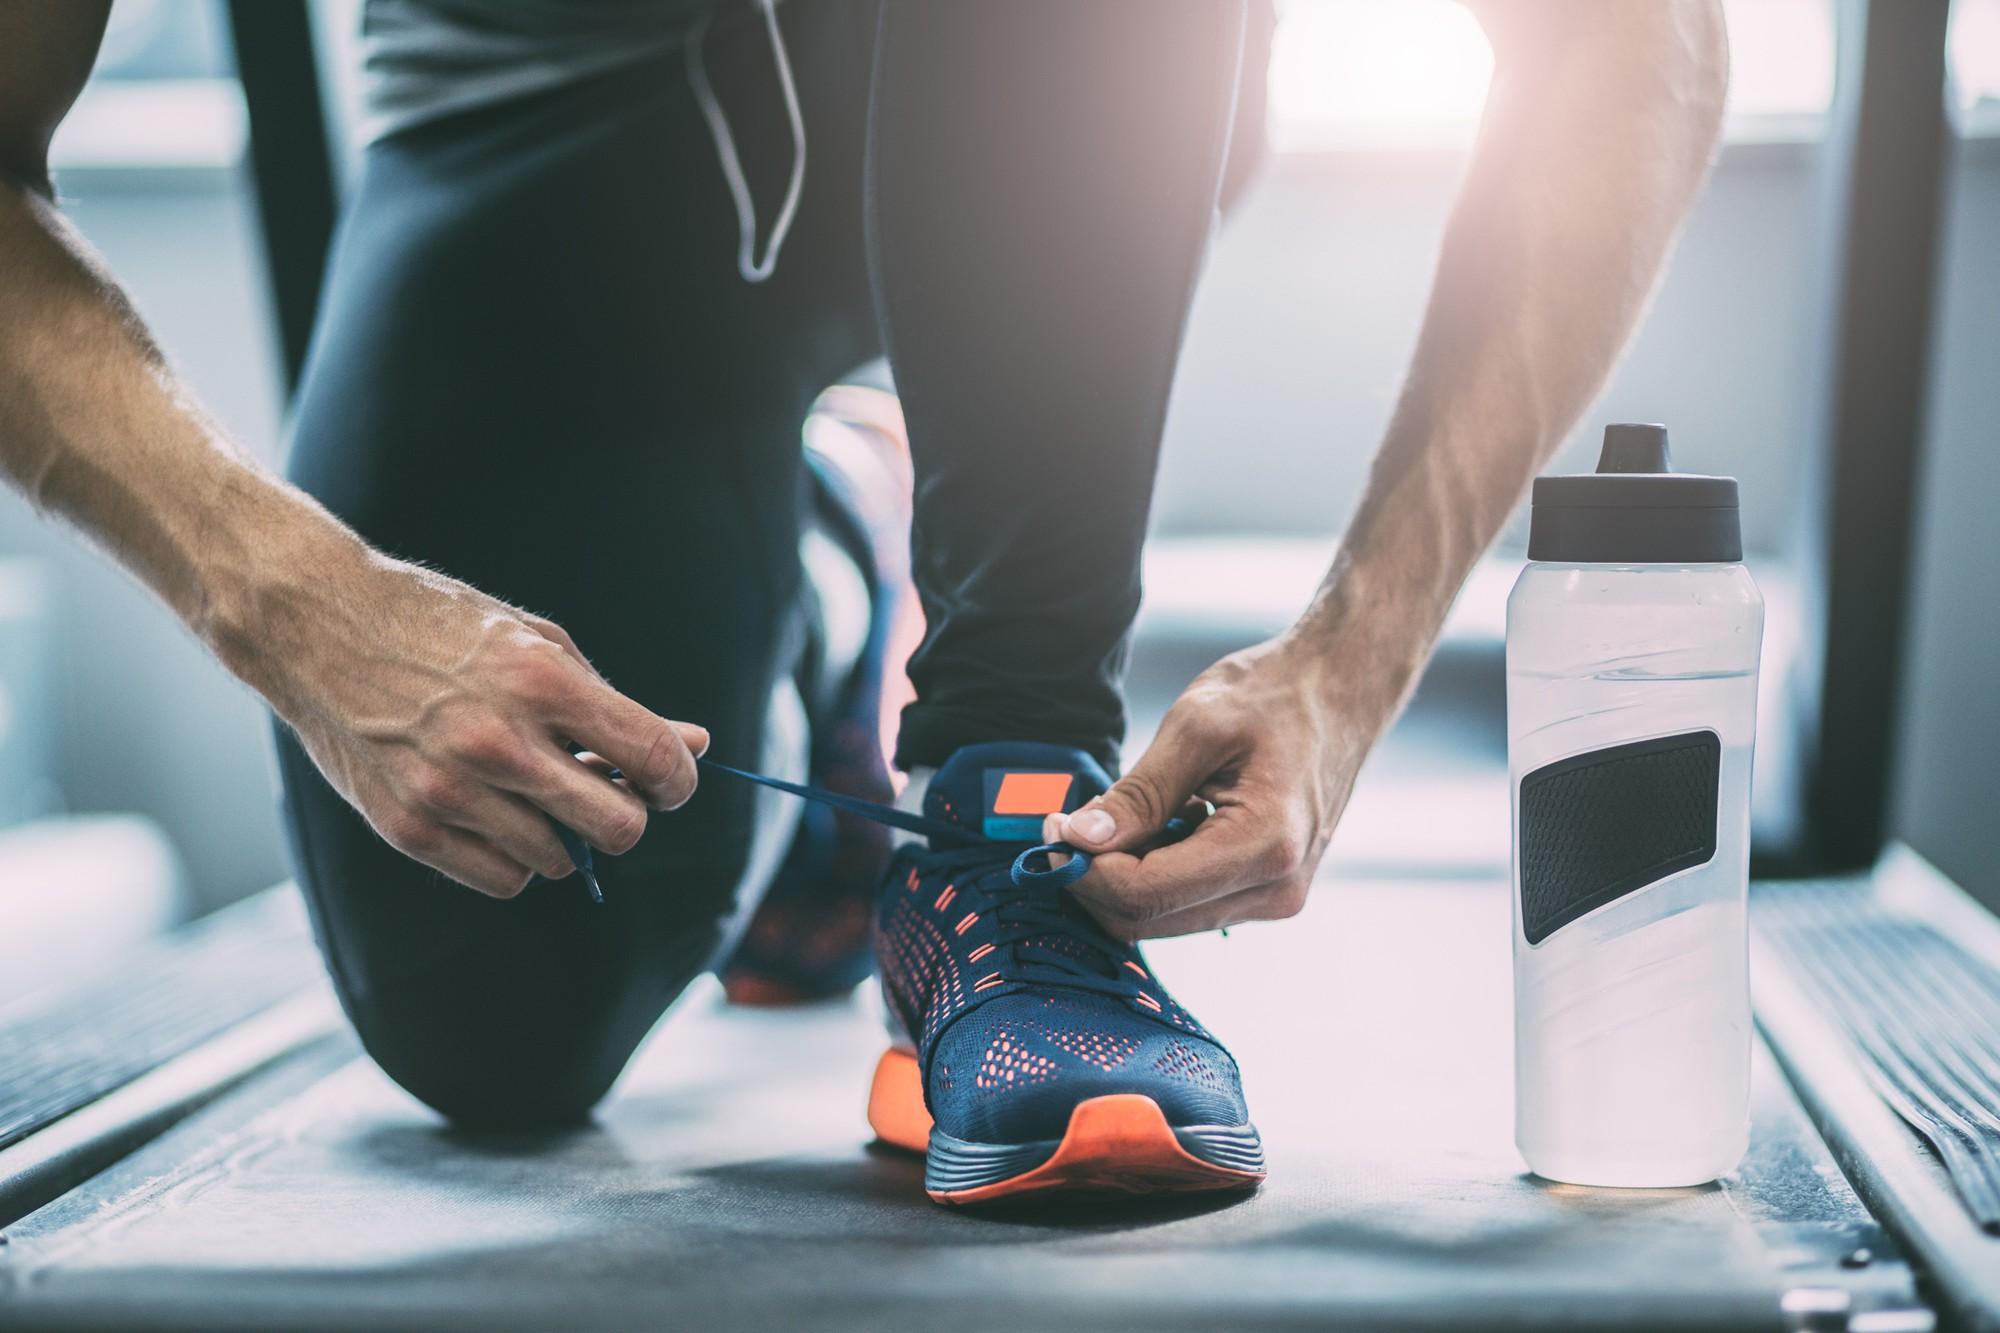 Tập thể dục trời lạnh nên lưu ý những điều sau để tránh đột quỵ-4